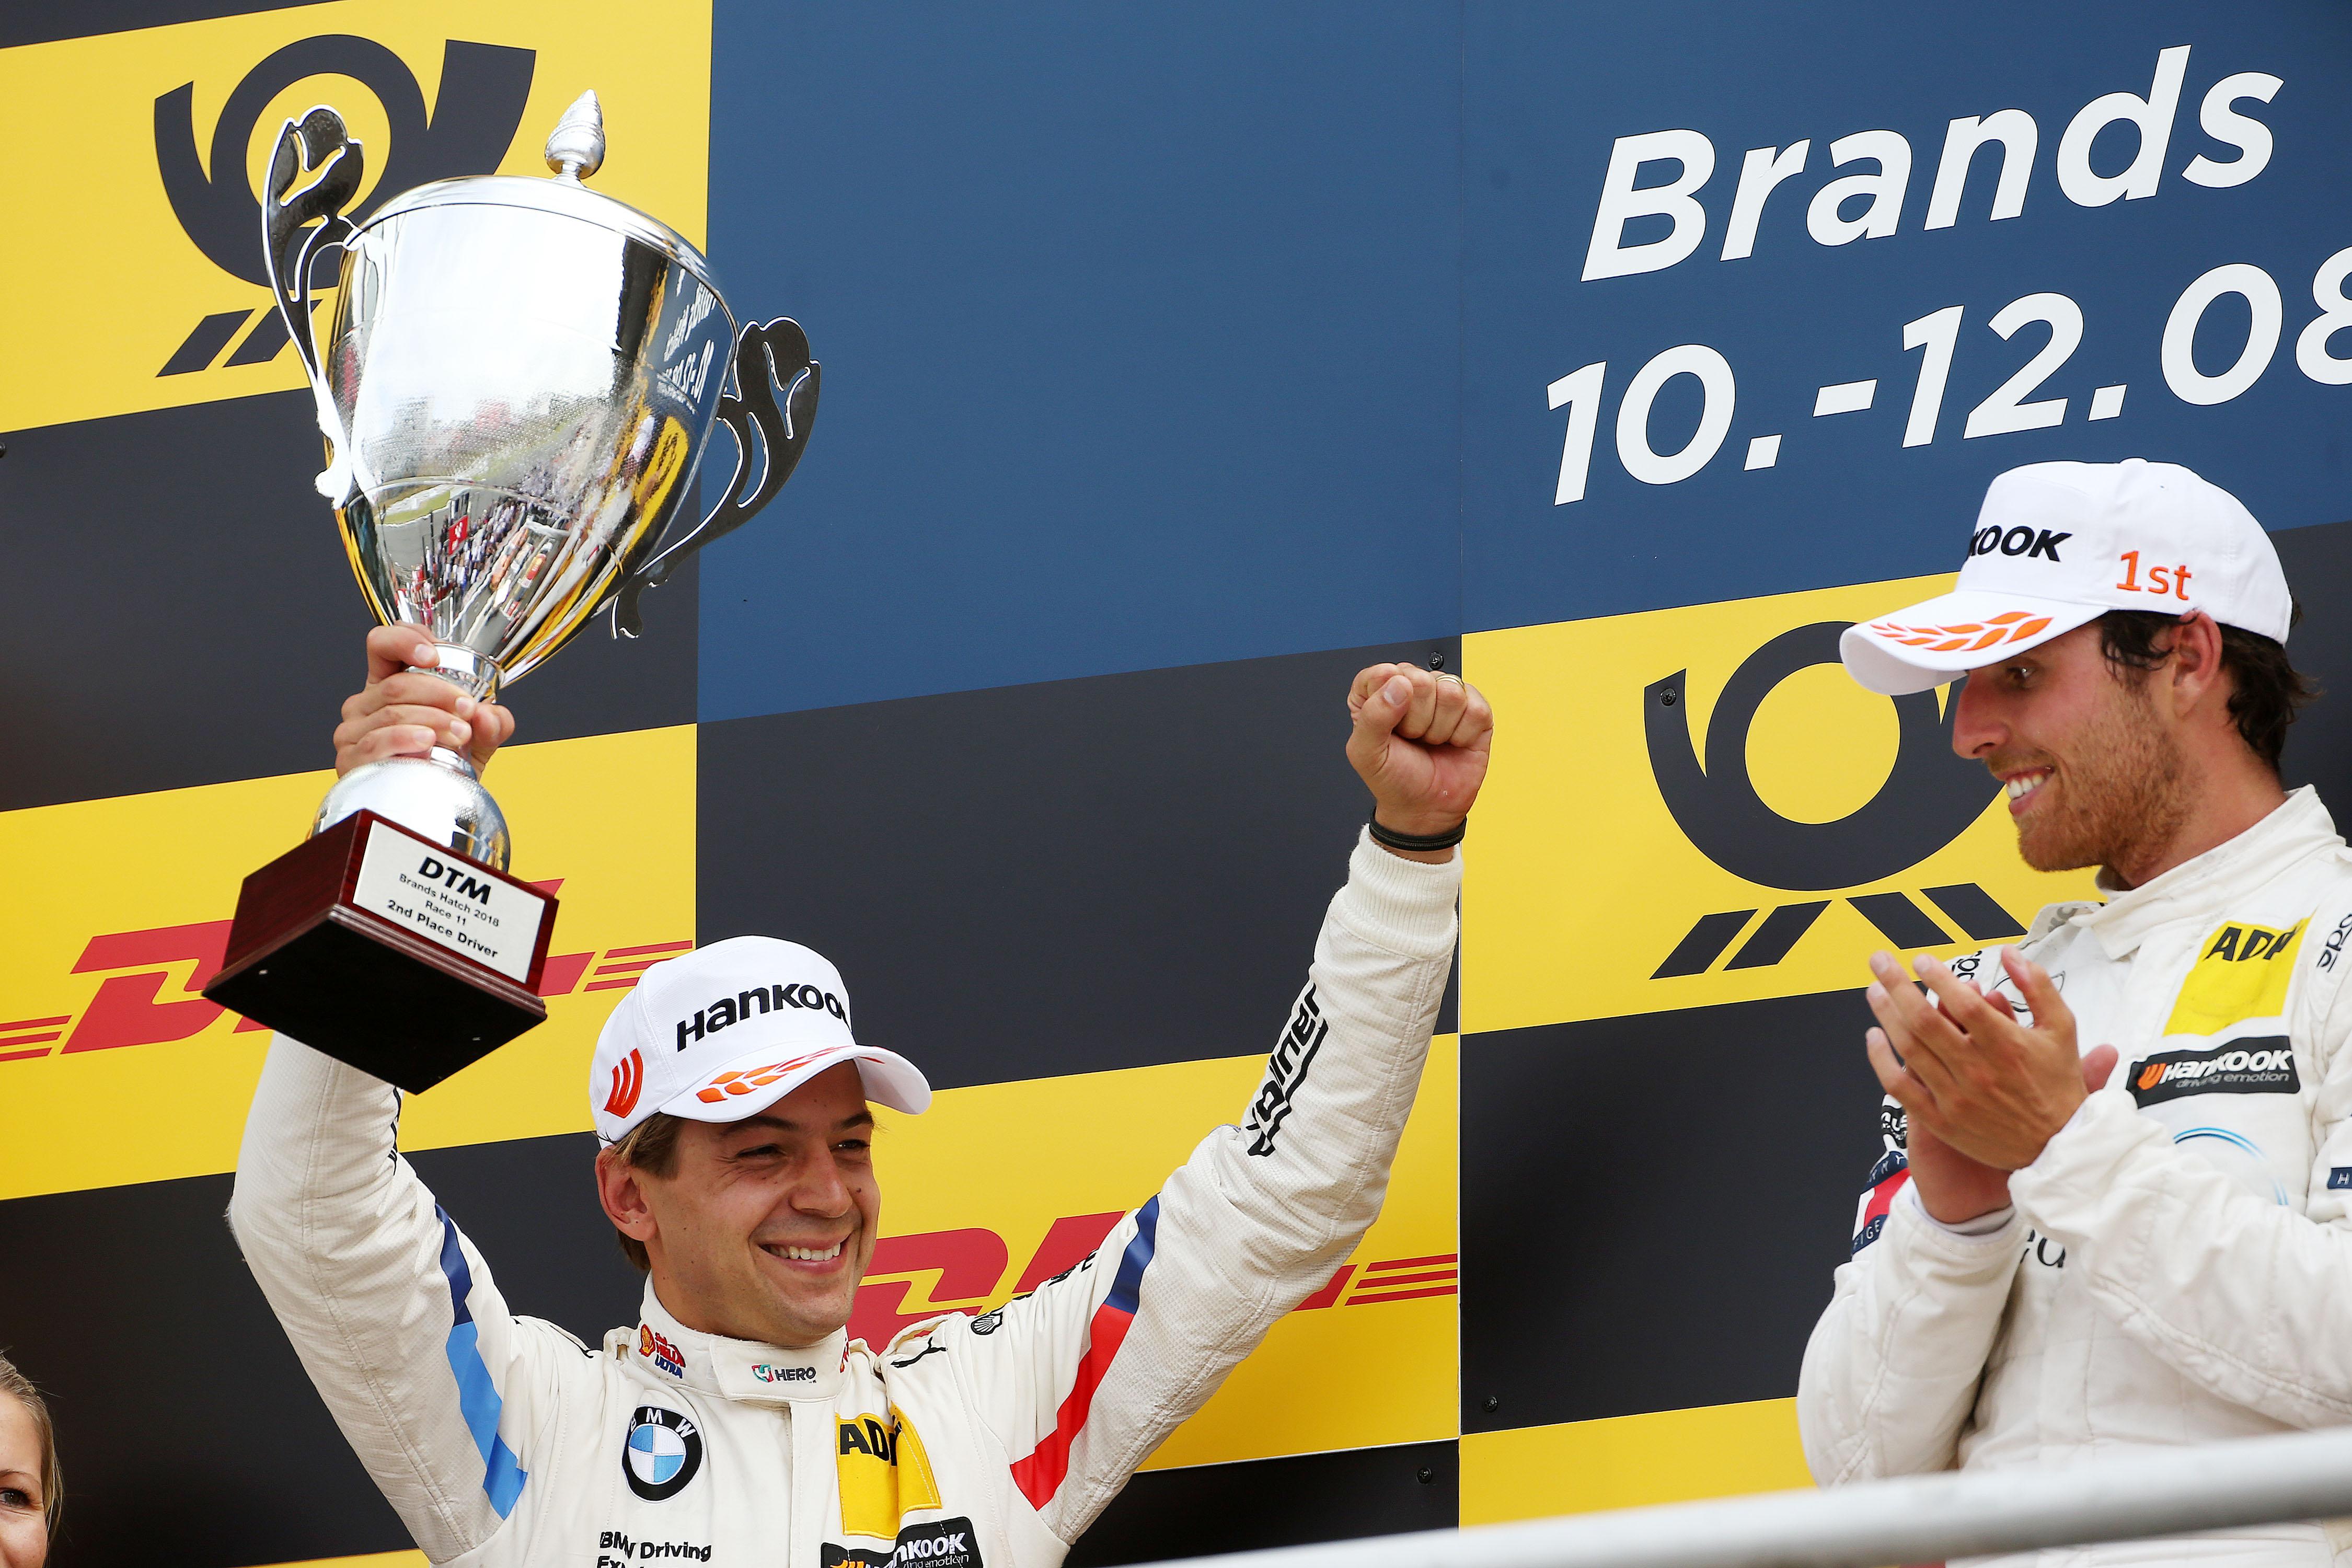 Photo of DTM – Augusto Farfus retorna ao pódio no DTM com 2º lugar em Brands Hatch